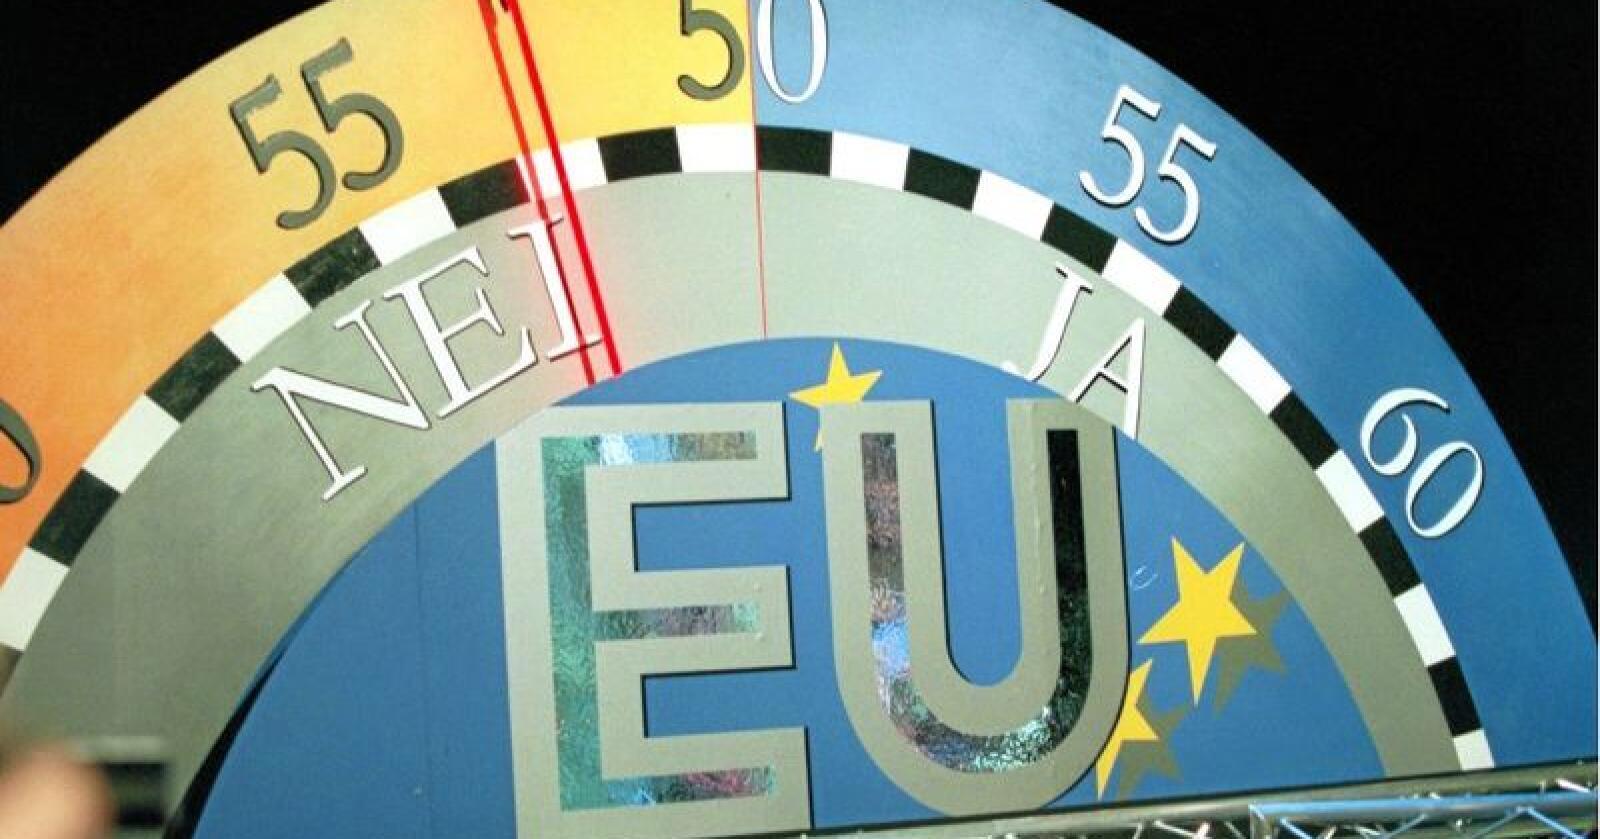 Nei: Det ble et flertall mot norsk medlemsskap i EU under avstemningen 28 november 1994. Foto: Erik Johansen / NTB scanpix